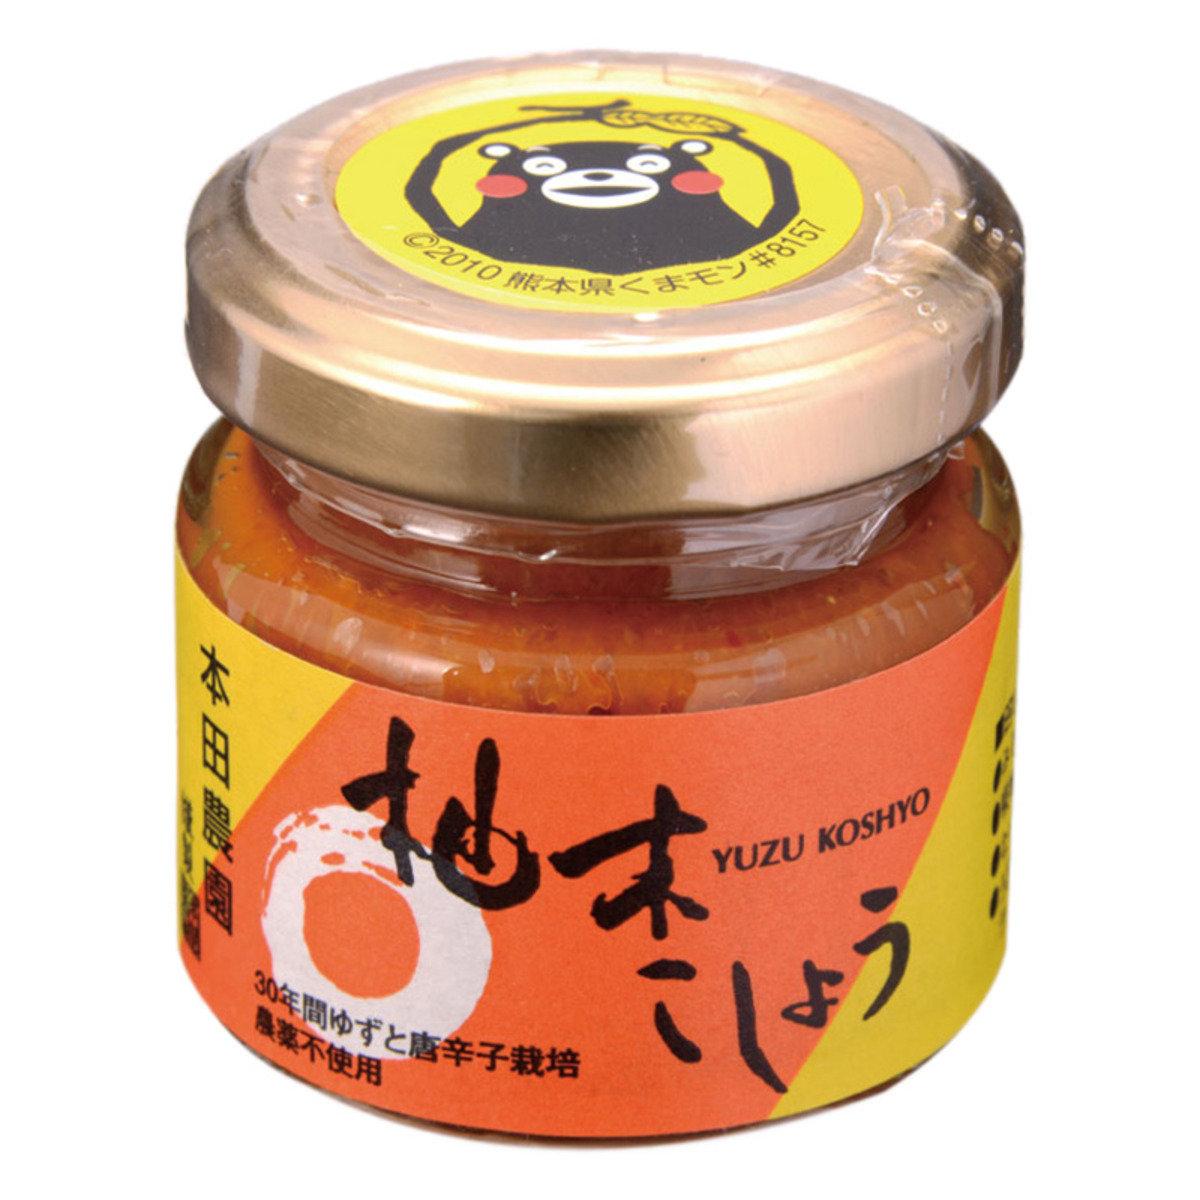 柚子赤胡椒醬 (40克)